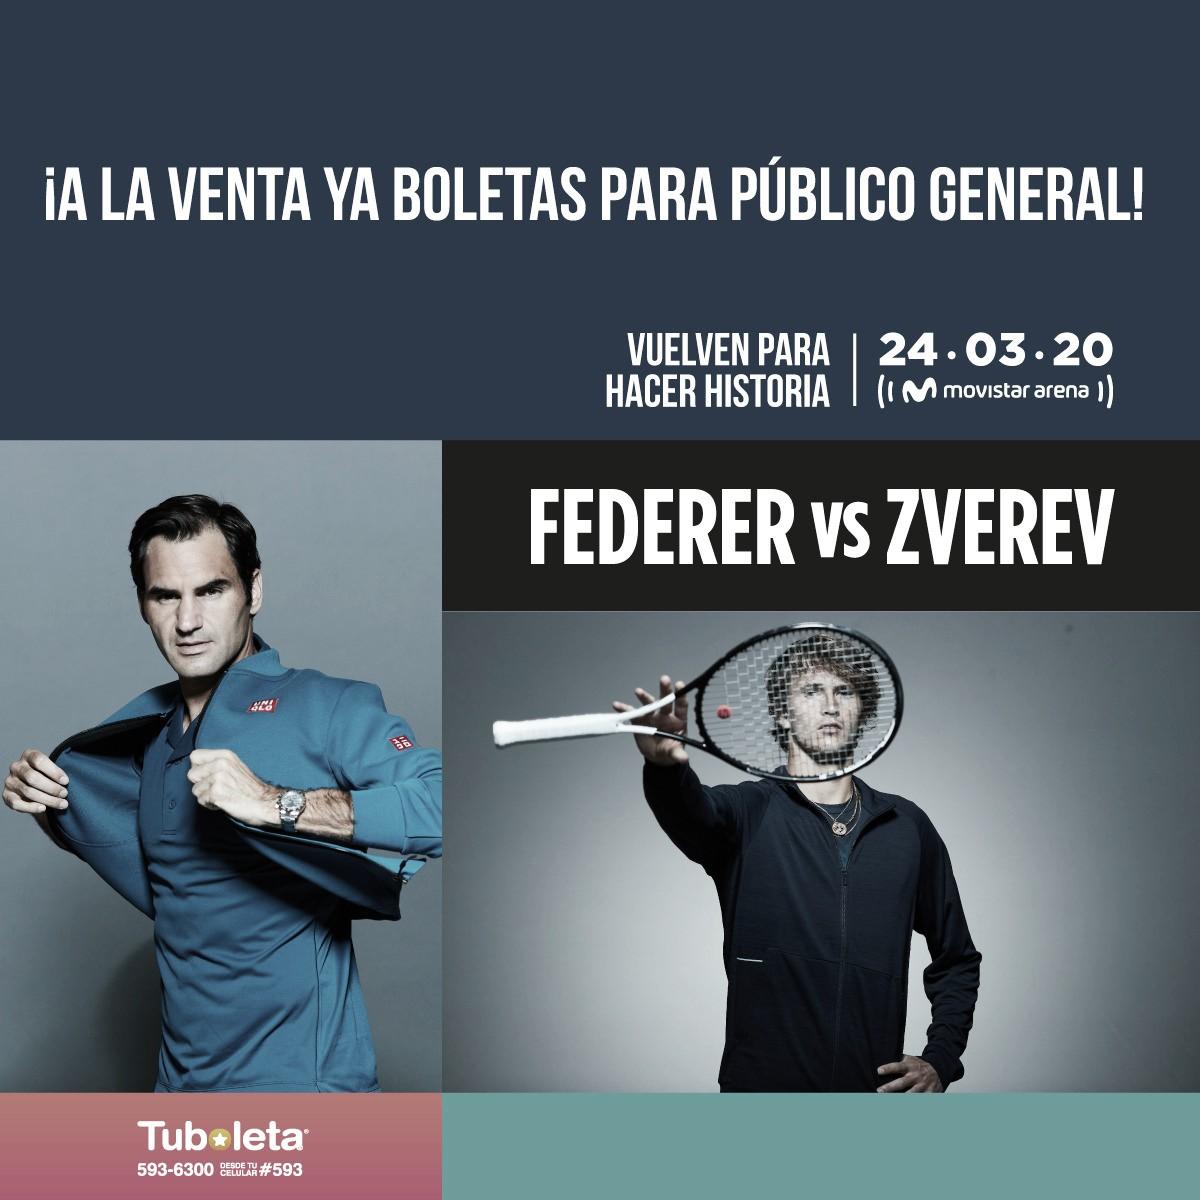 Ya están a la venta las boletas para el esperado partido Federer vs. Zverev